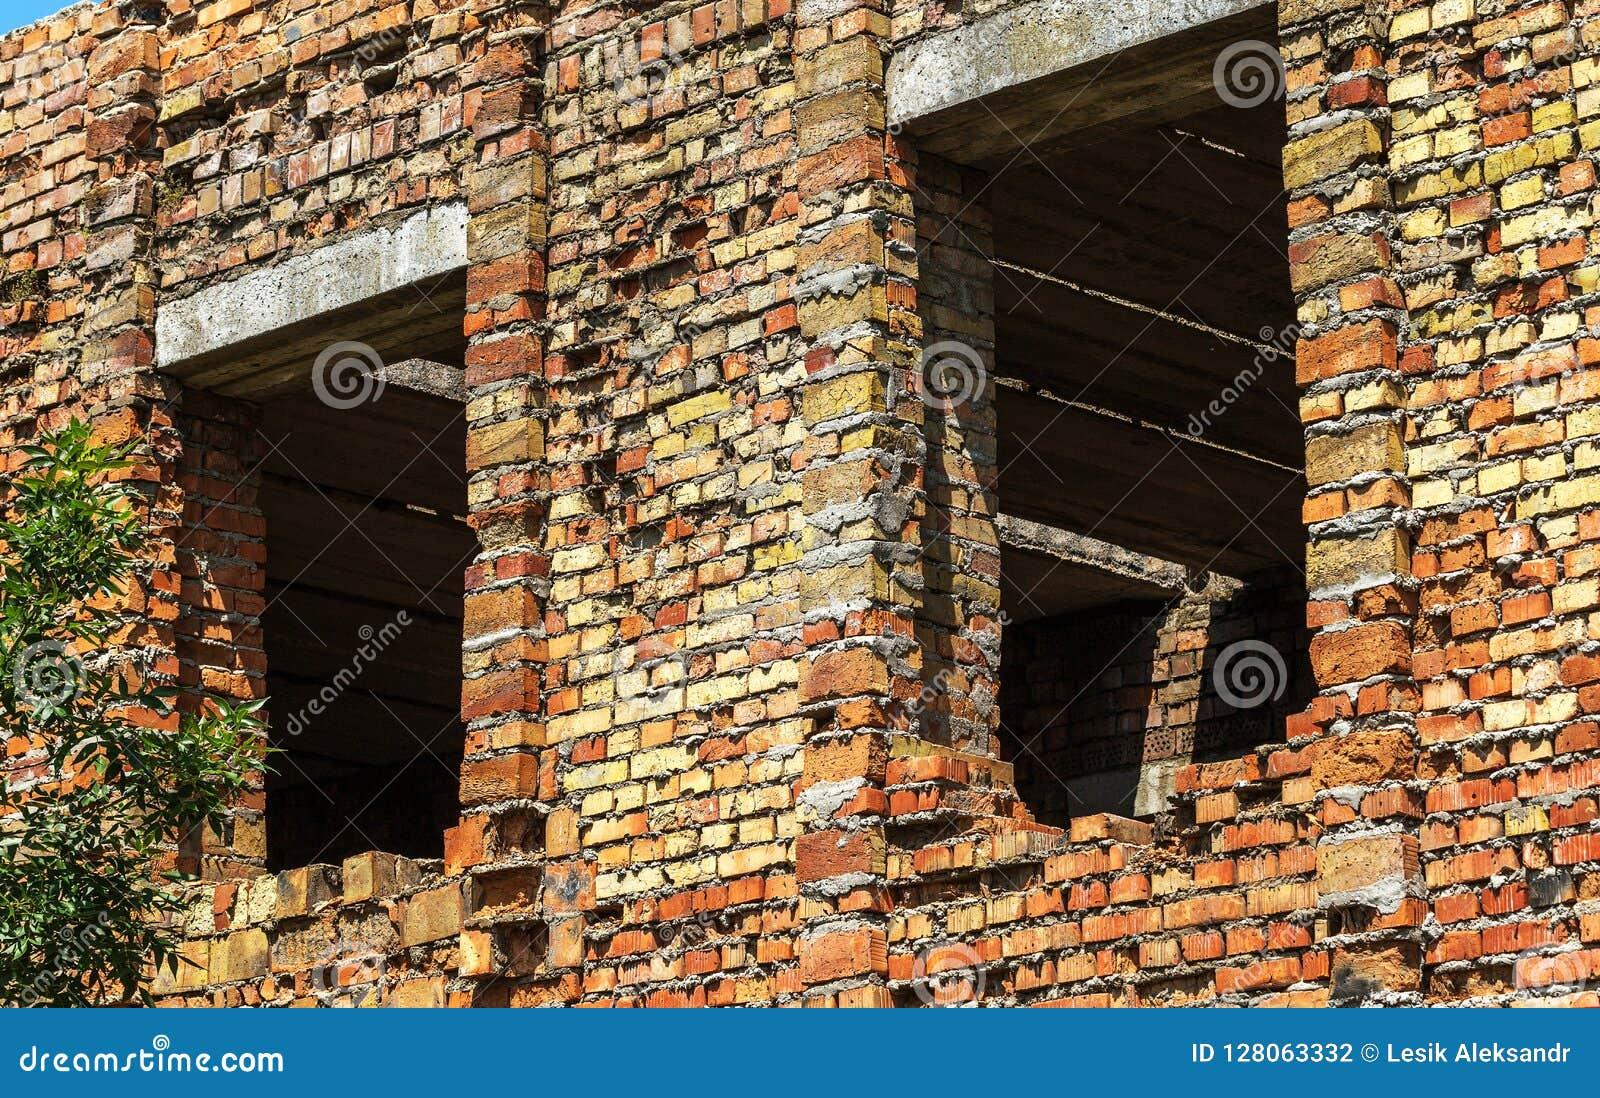 Загубленная стена здания Покинутый к ненужным домам разрушьте Самоуничтожение покинутых зданий Схематически, cri